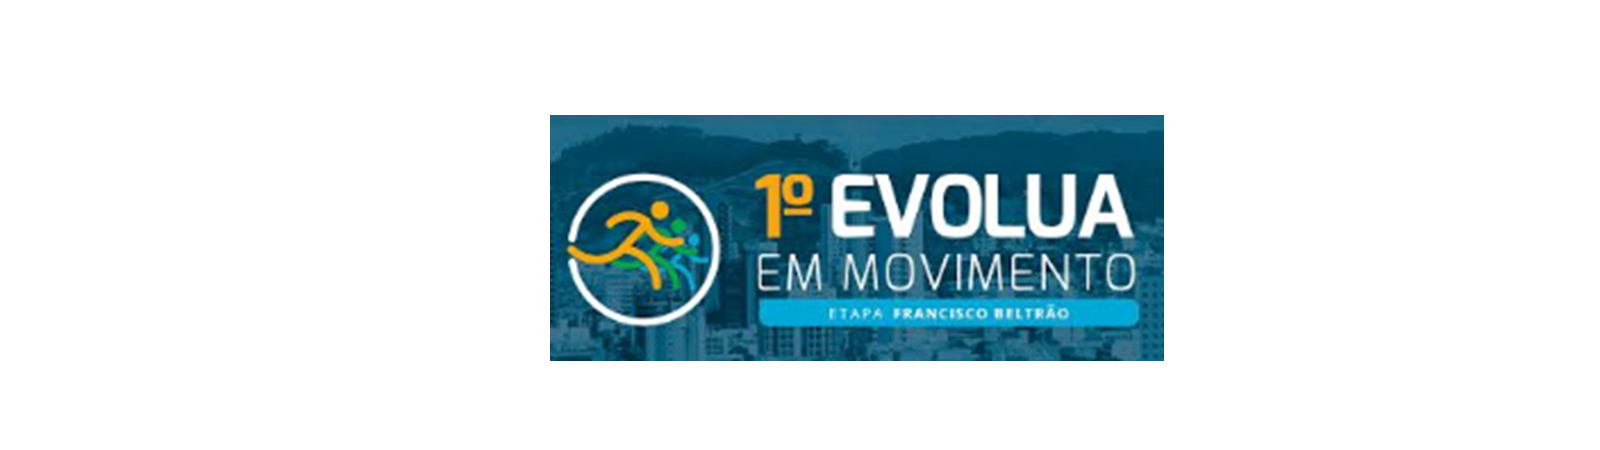 1º Evolua em Movimento